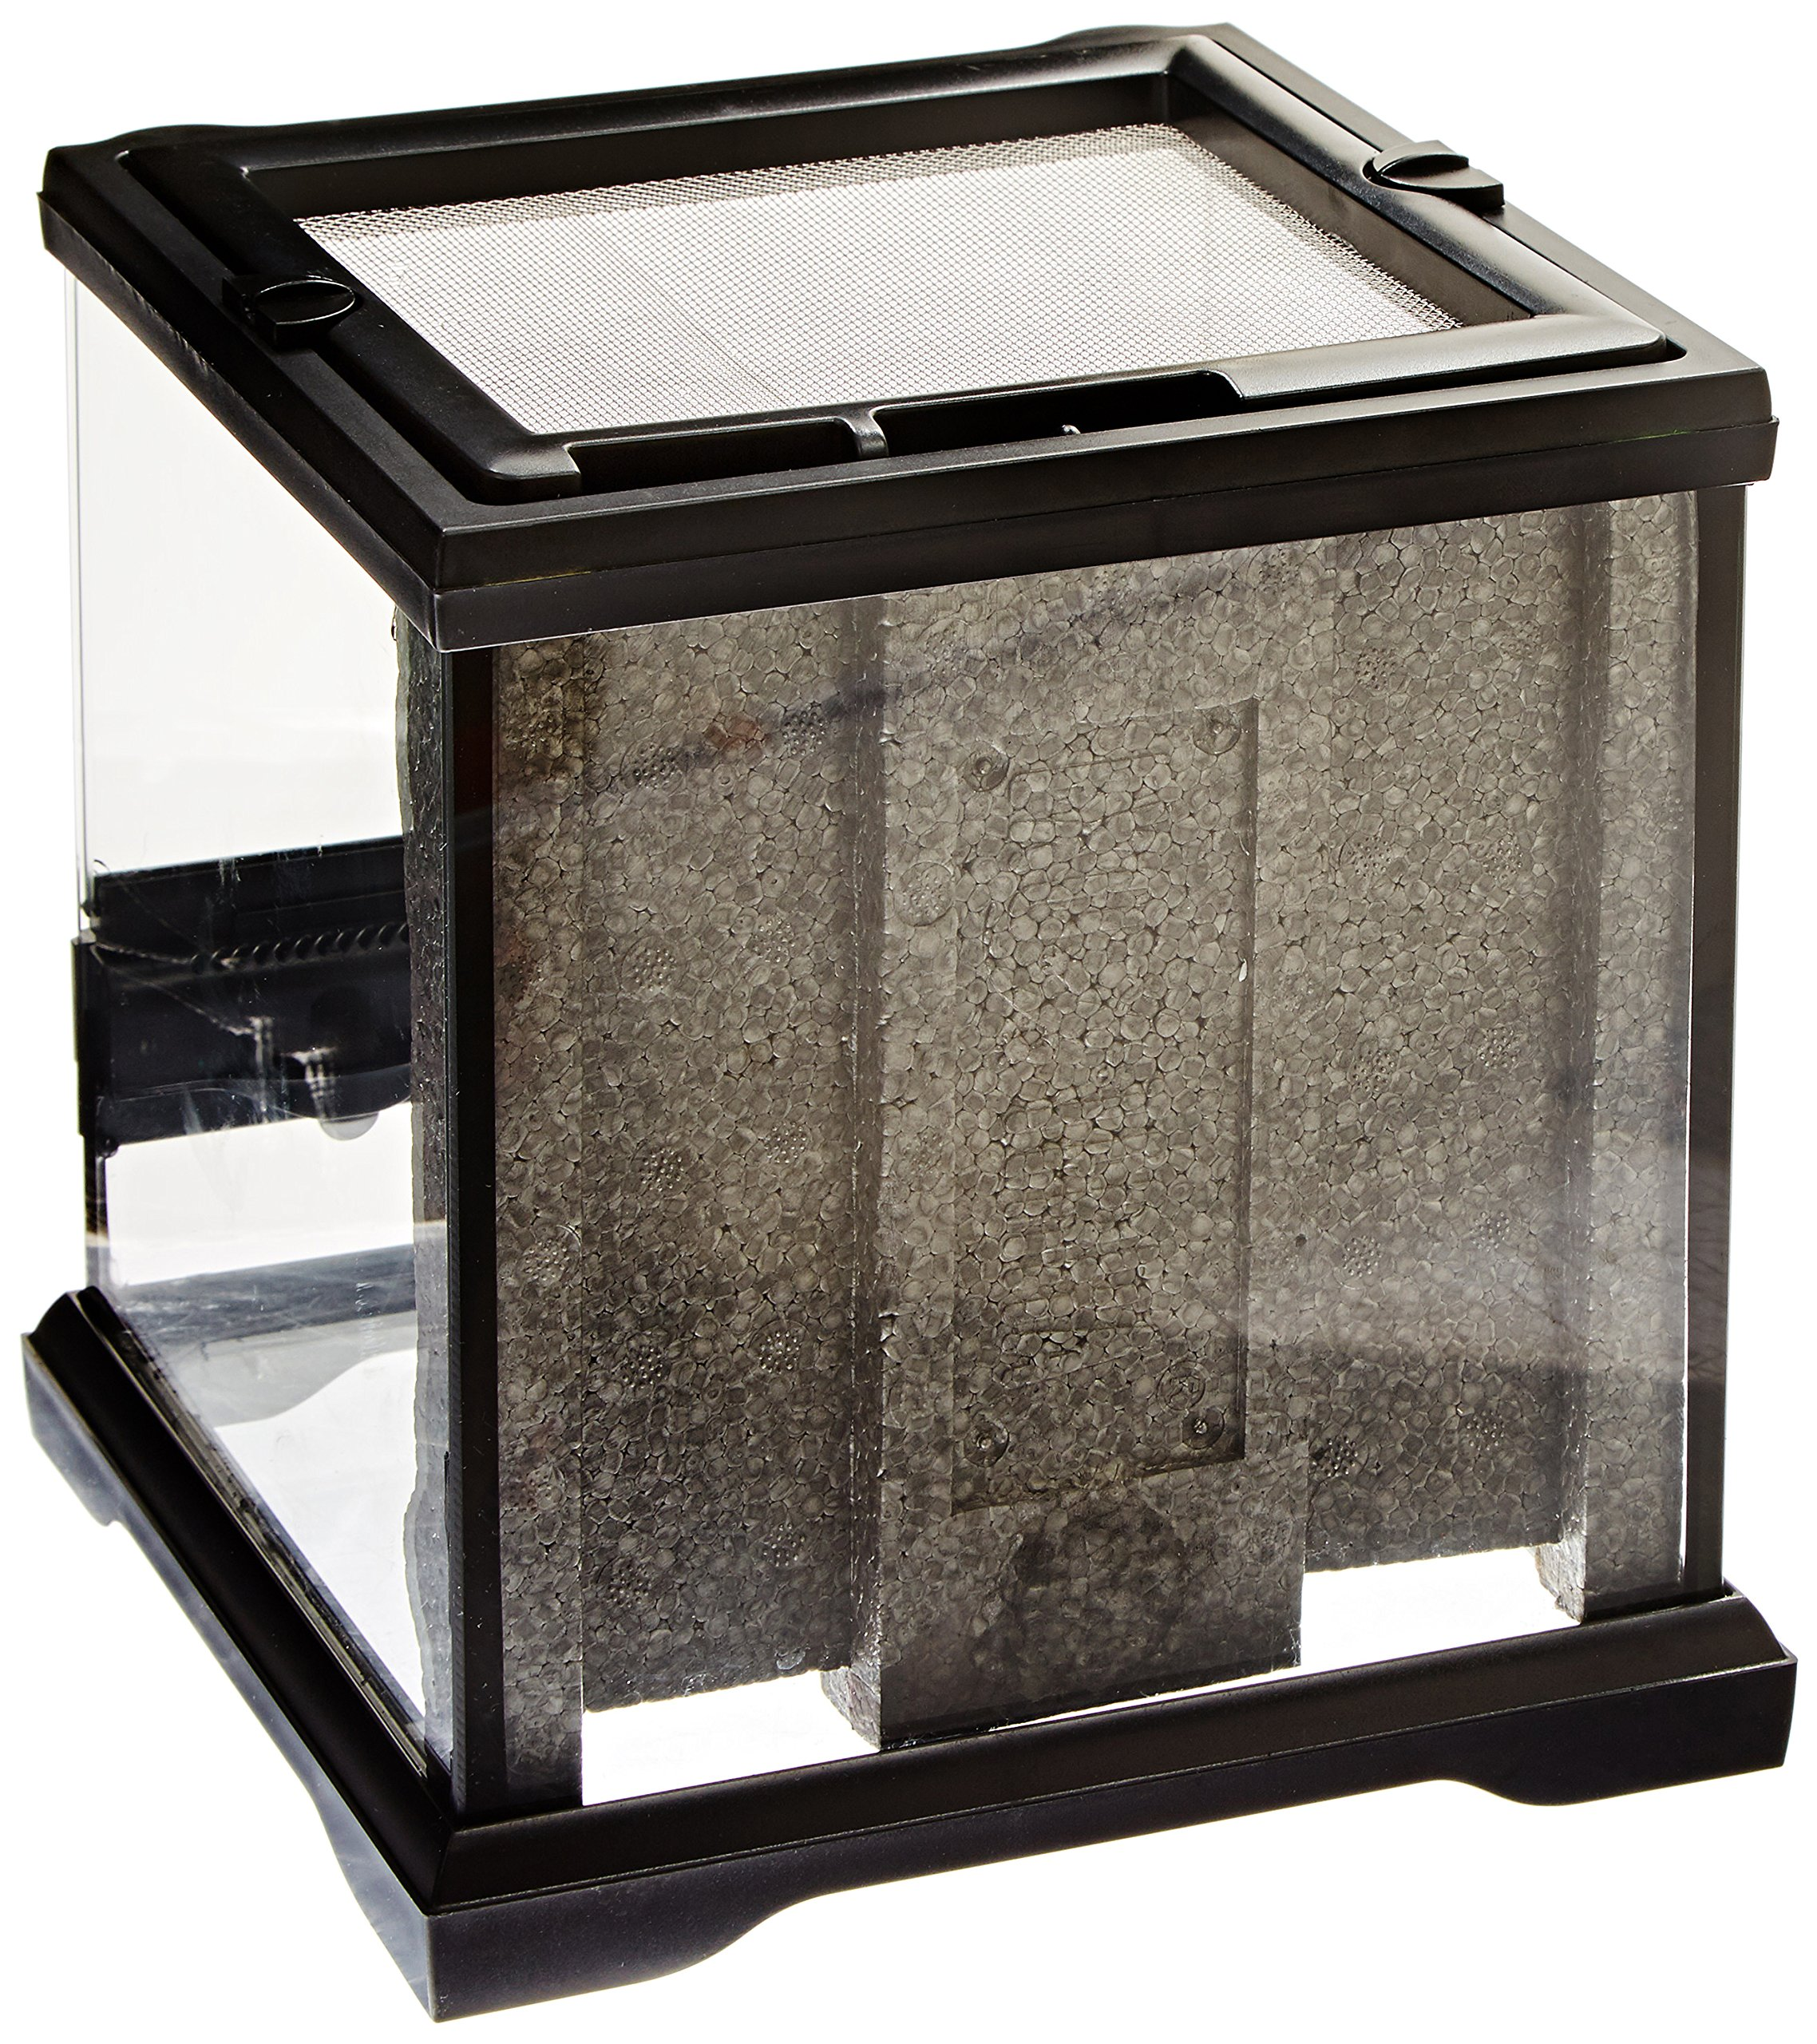 Exo Terra Nano Glass Terrarium Reptile Habitat - 8 x 8 x 8 Inches by Exo Terra